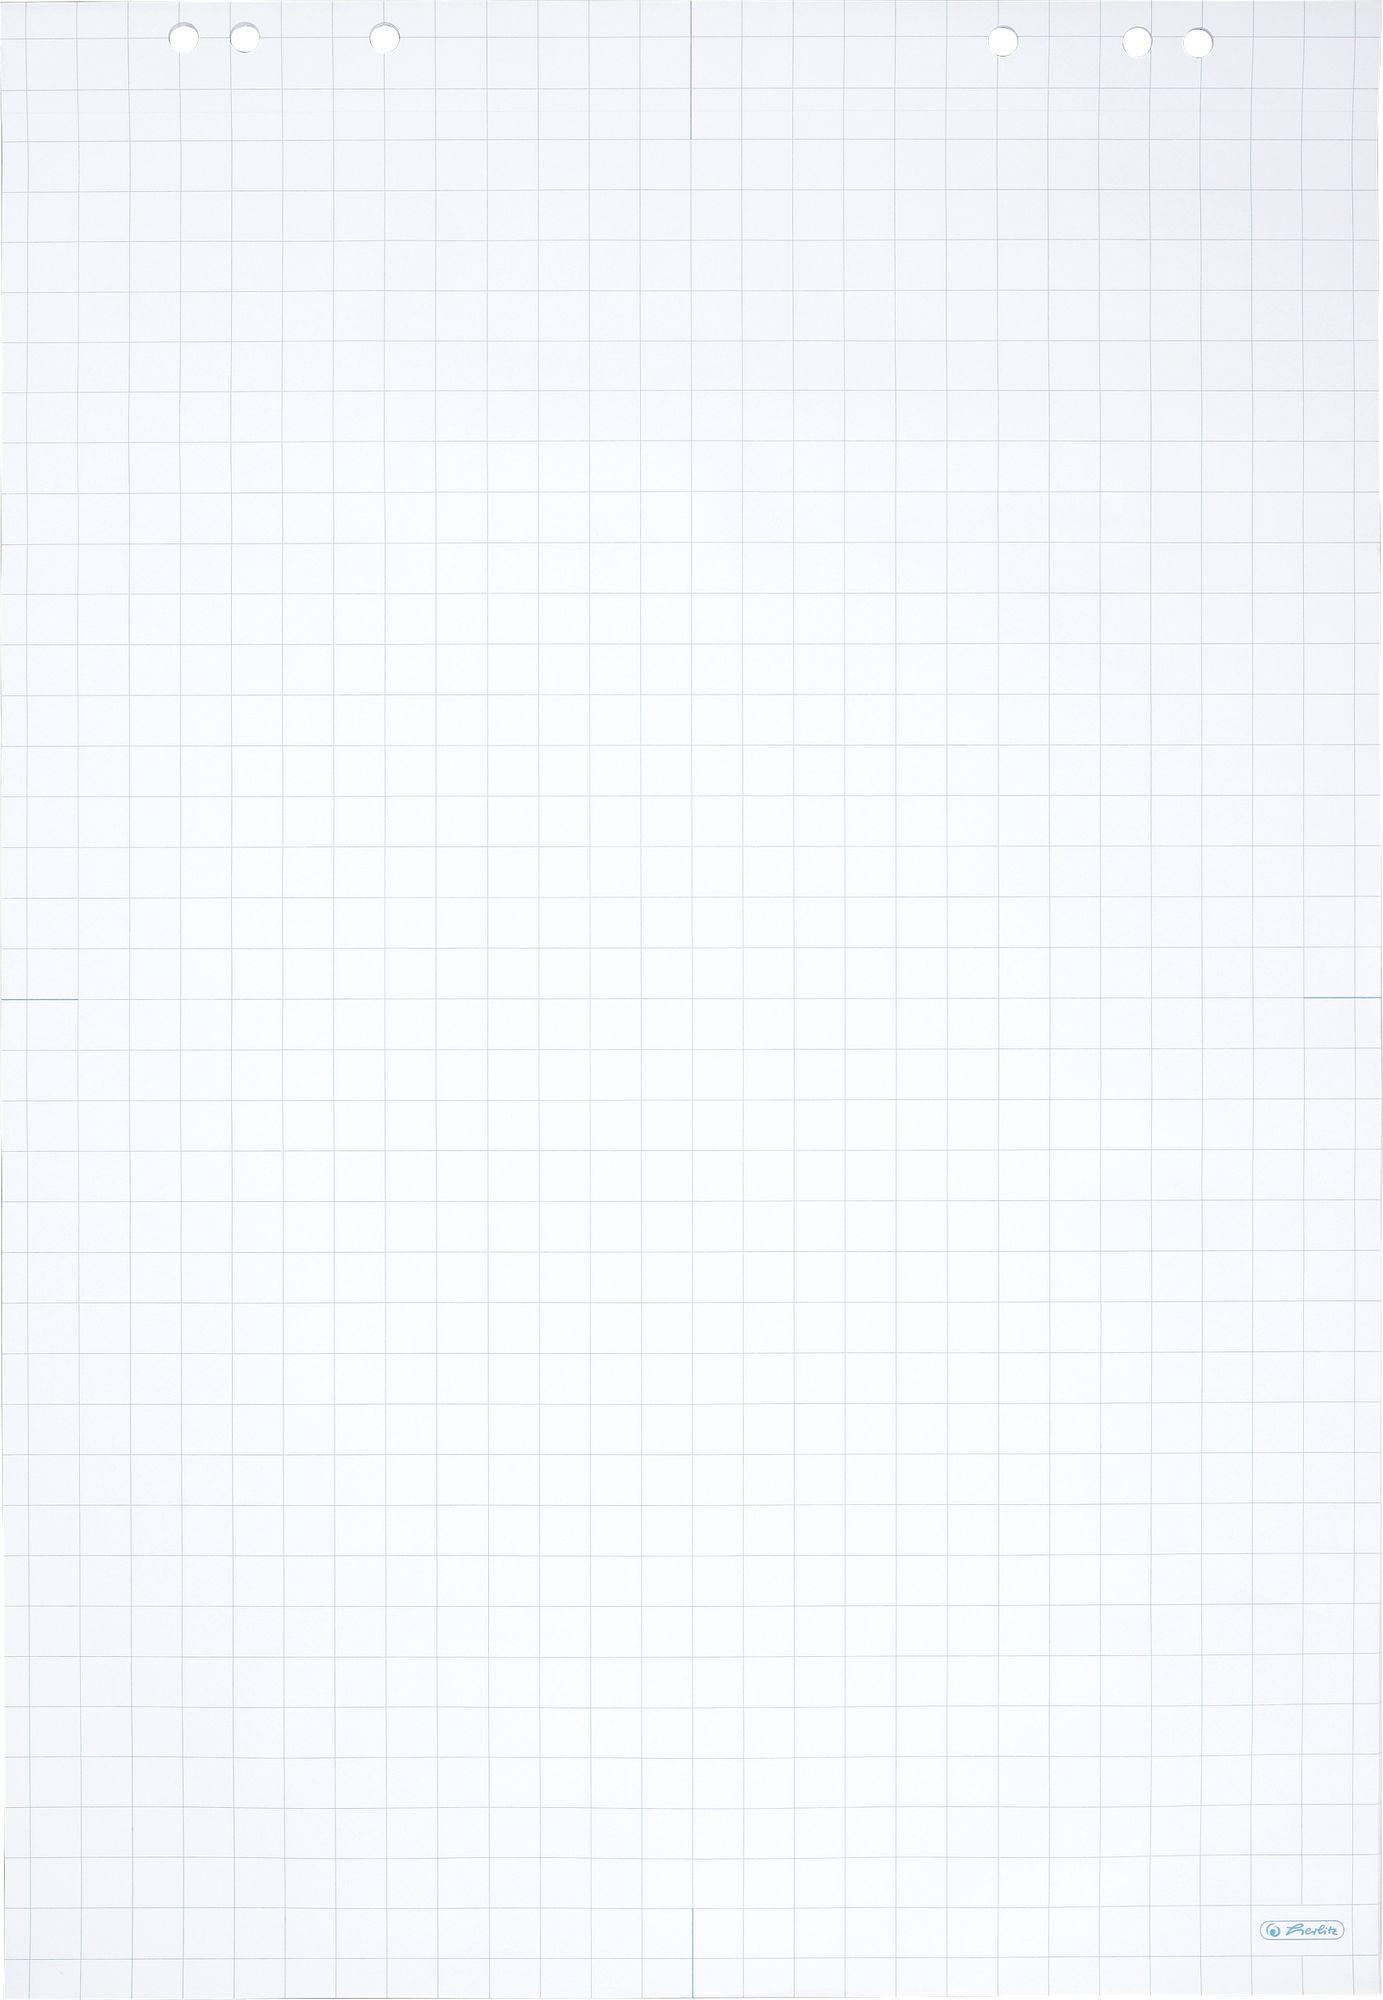 Weißes Flipchart-Papier 68 X 99 Cm, Kariert mit Kariertes Blatt